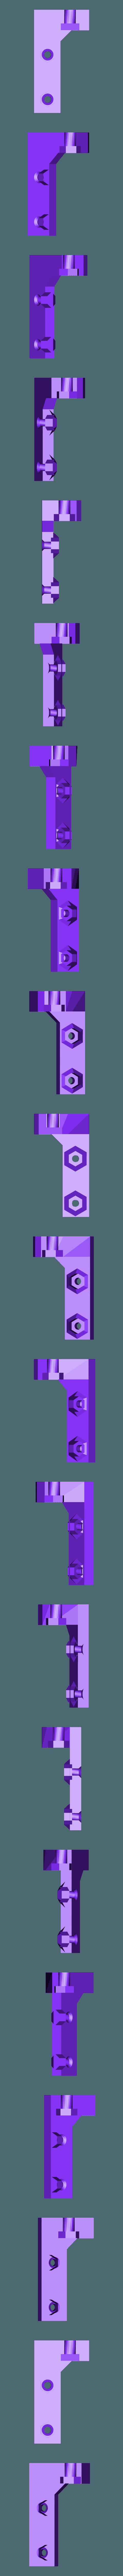 top_right_fixture.stl Télécharger fichier STL gratuit Stabilisateur d'axe Z pour plaque simple en aluminium prusa i3 • Modèle imprimable en 3D, dasaki